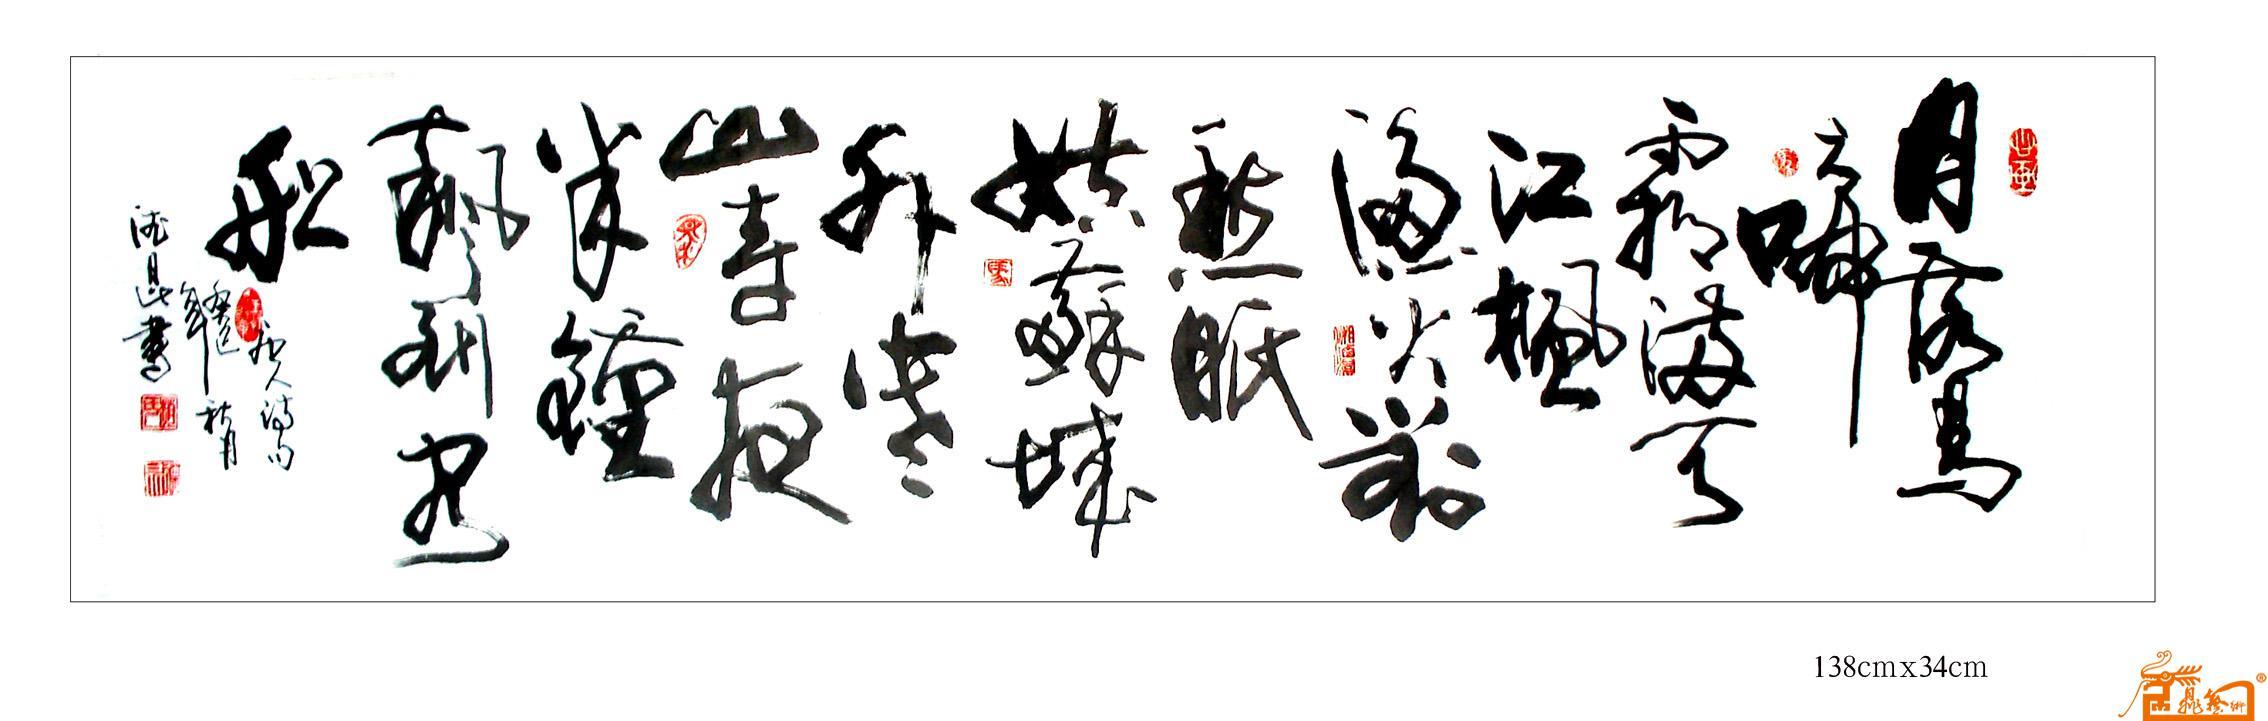 琵琶语 苏畅古筝谱